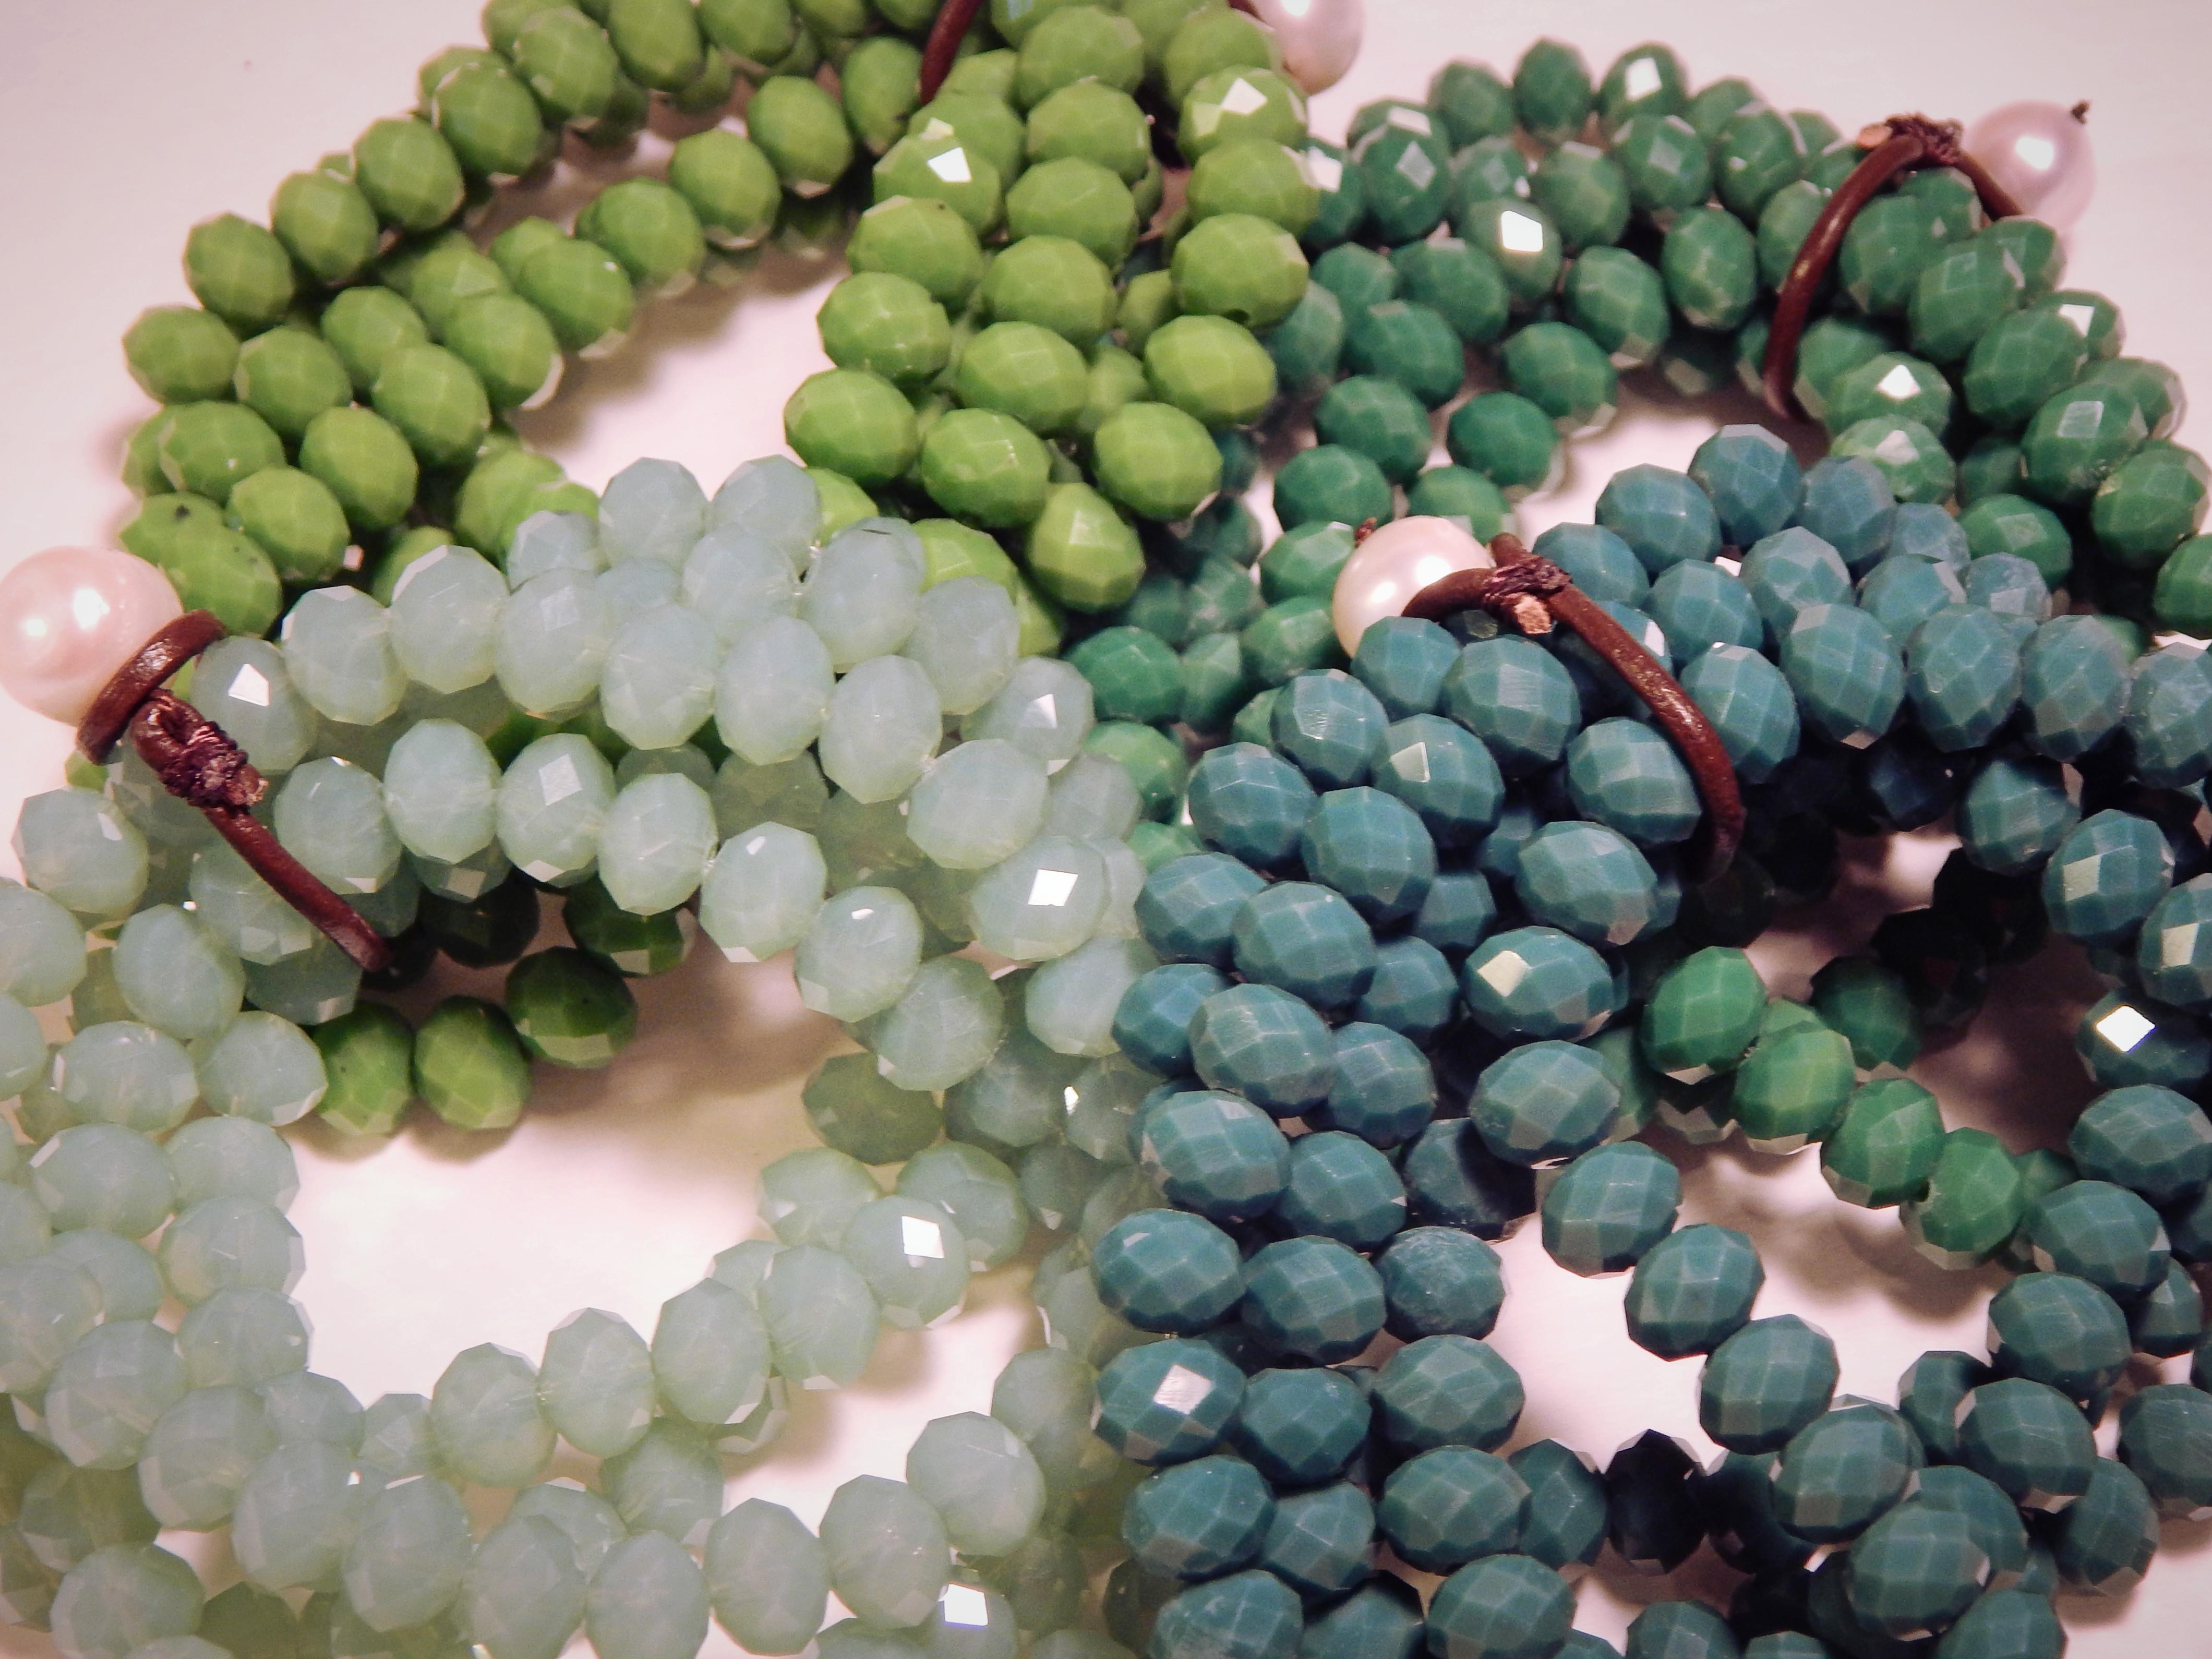 Hila greens